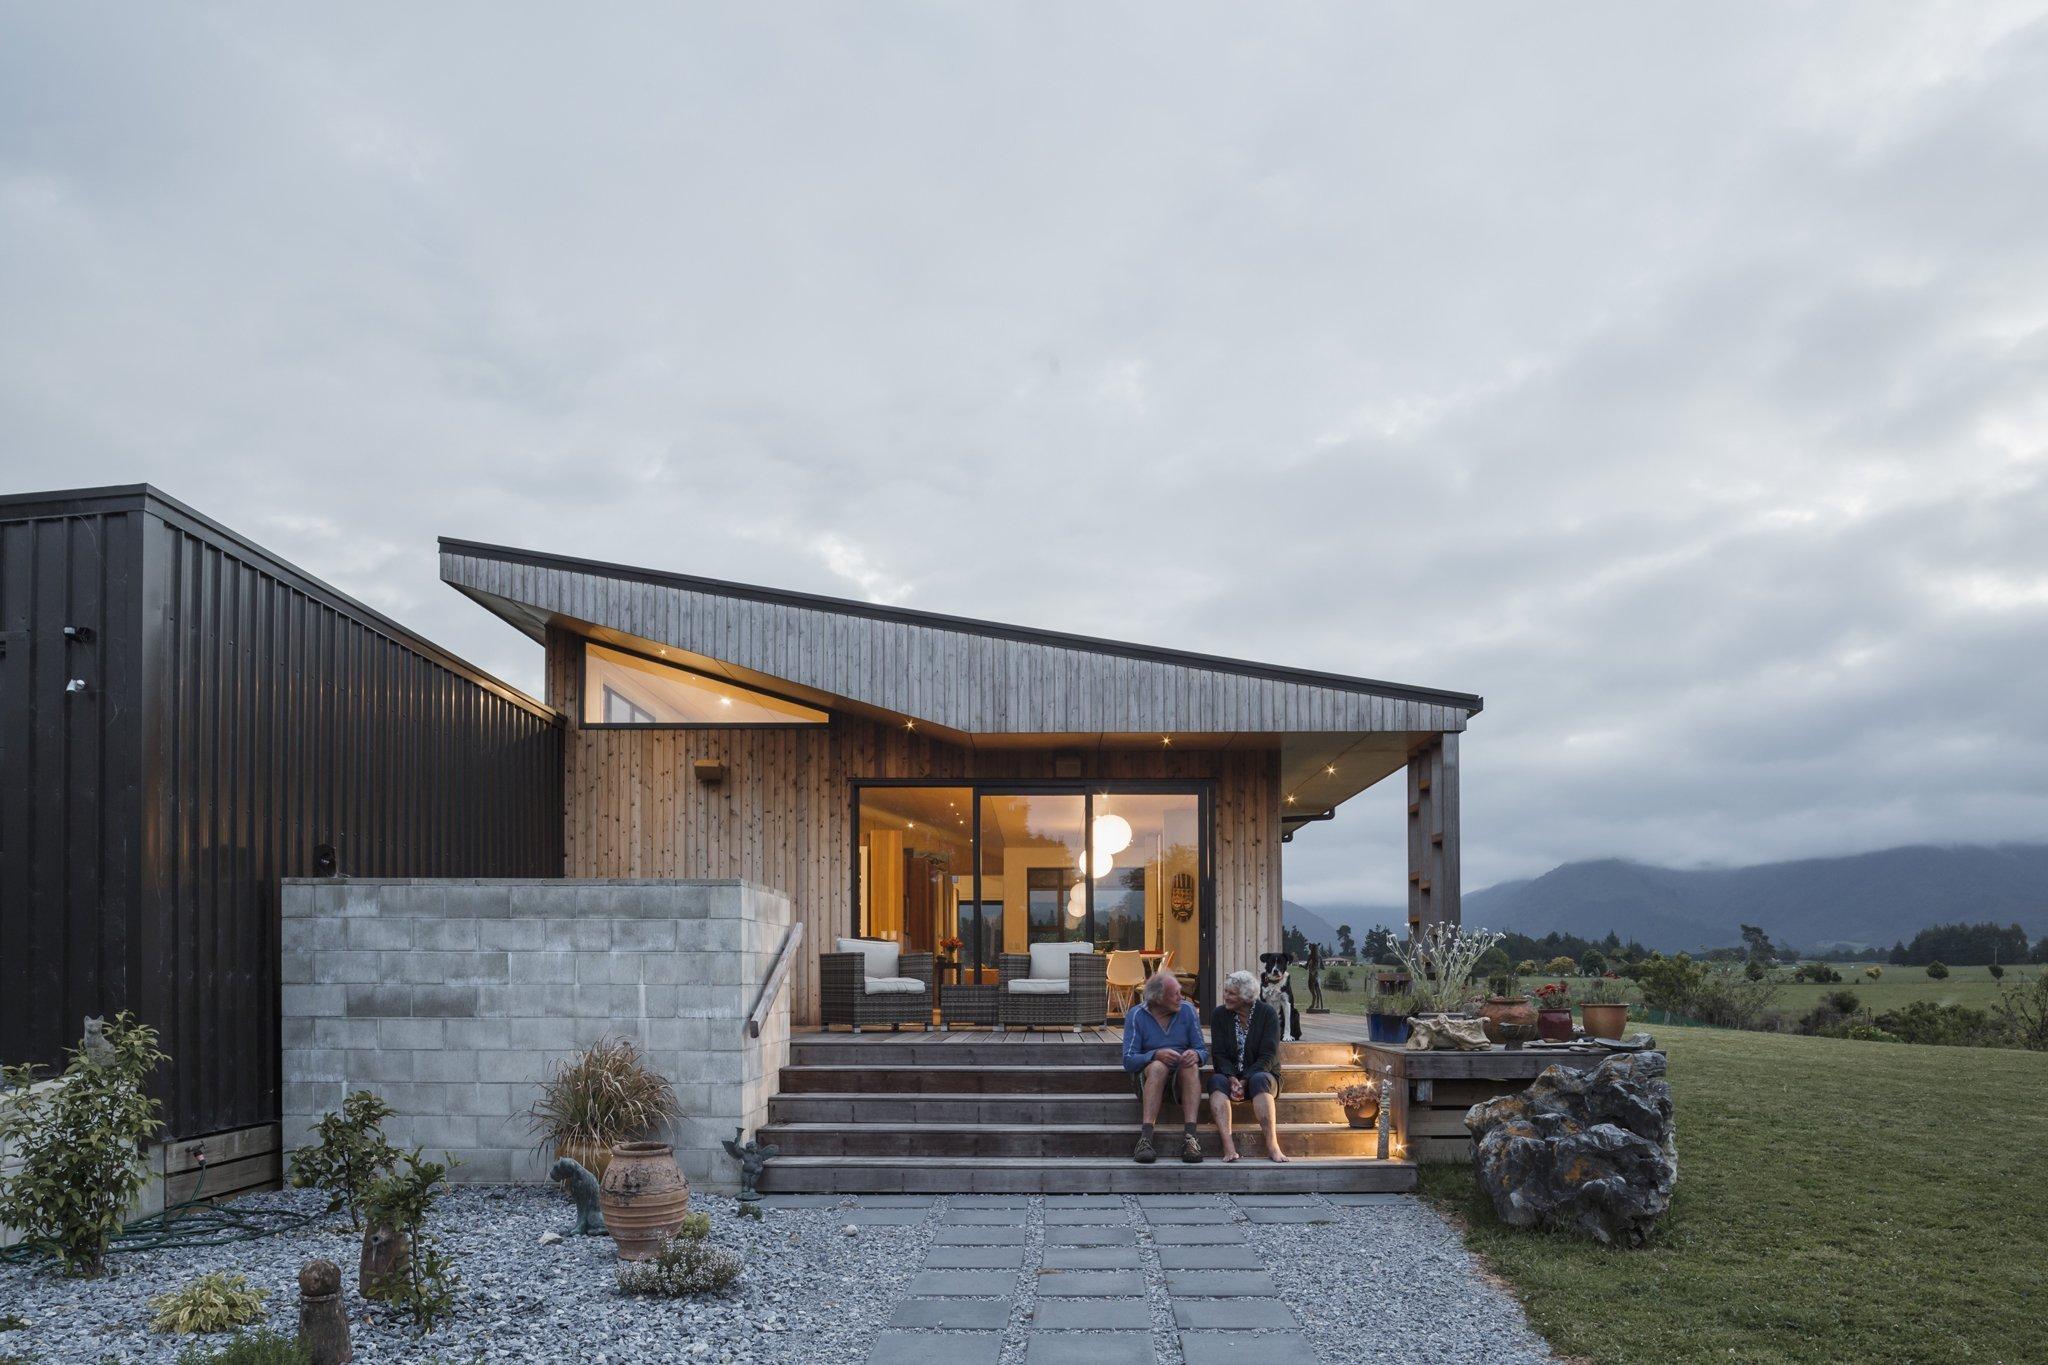 """Přízemní stavba nacházející se v Takaka Town District na Novém Zélandu, jenž je dílem architektů z Arthouse Architects, množstvím rozlehlých venkovních verand odkazuje na místní tradiční usedlosti s """"ovinutými"""" verandami a palubami."""